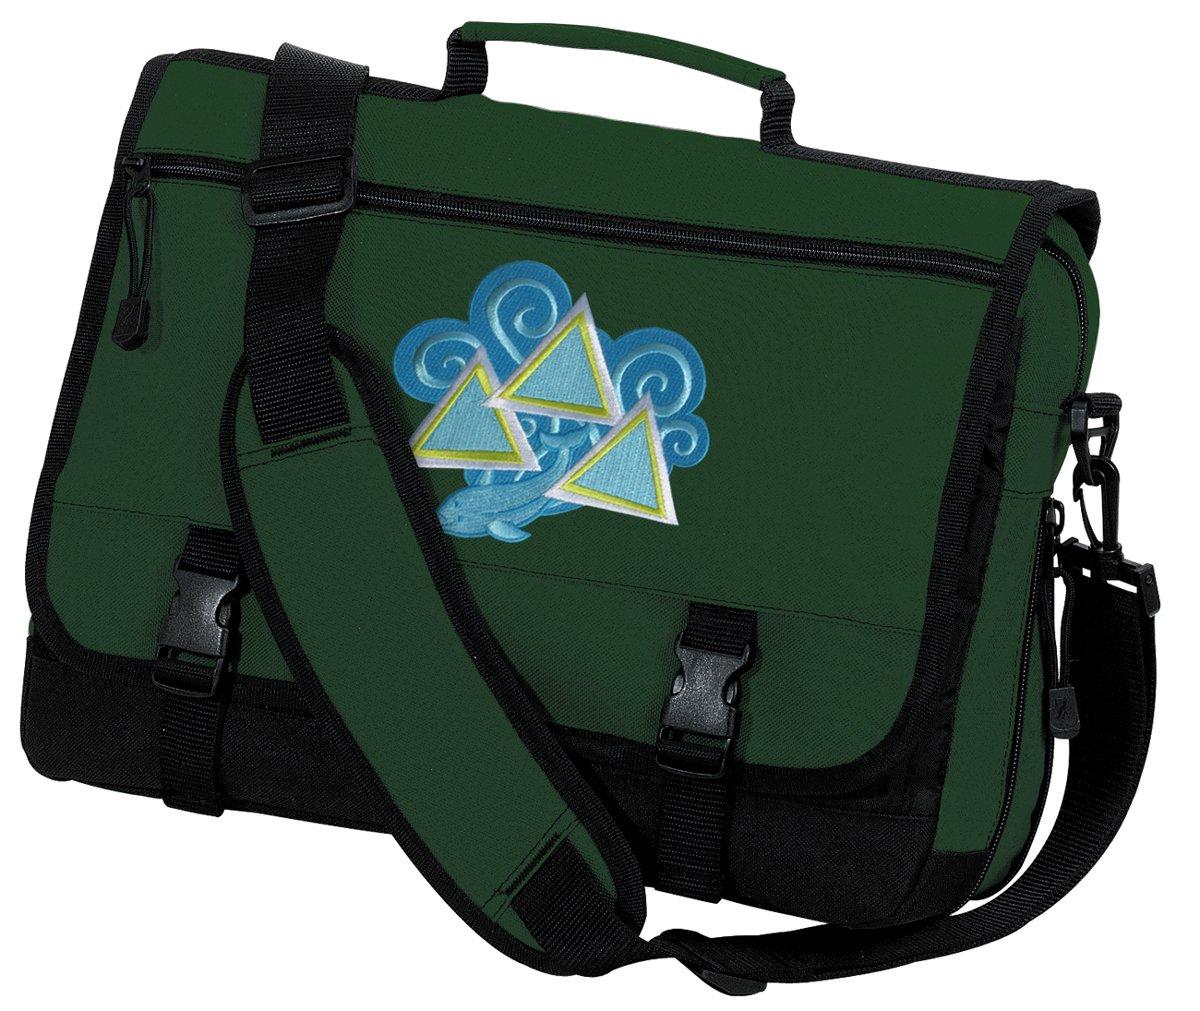 Tri Delt Laptop Bag Tri Delt Sorority Messenger Bag